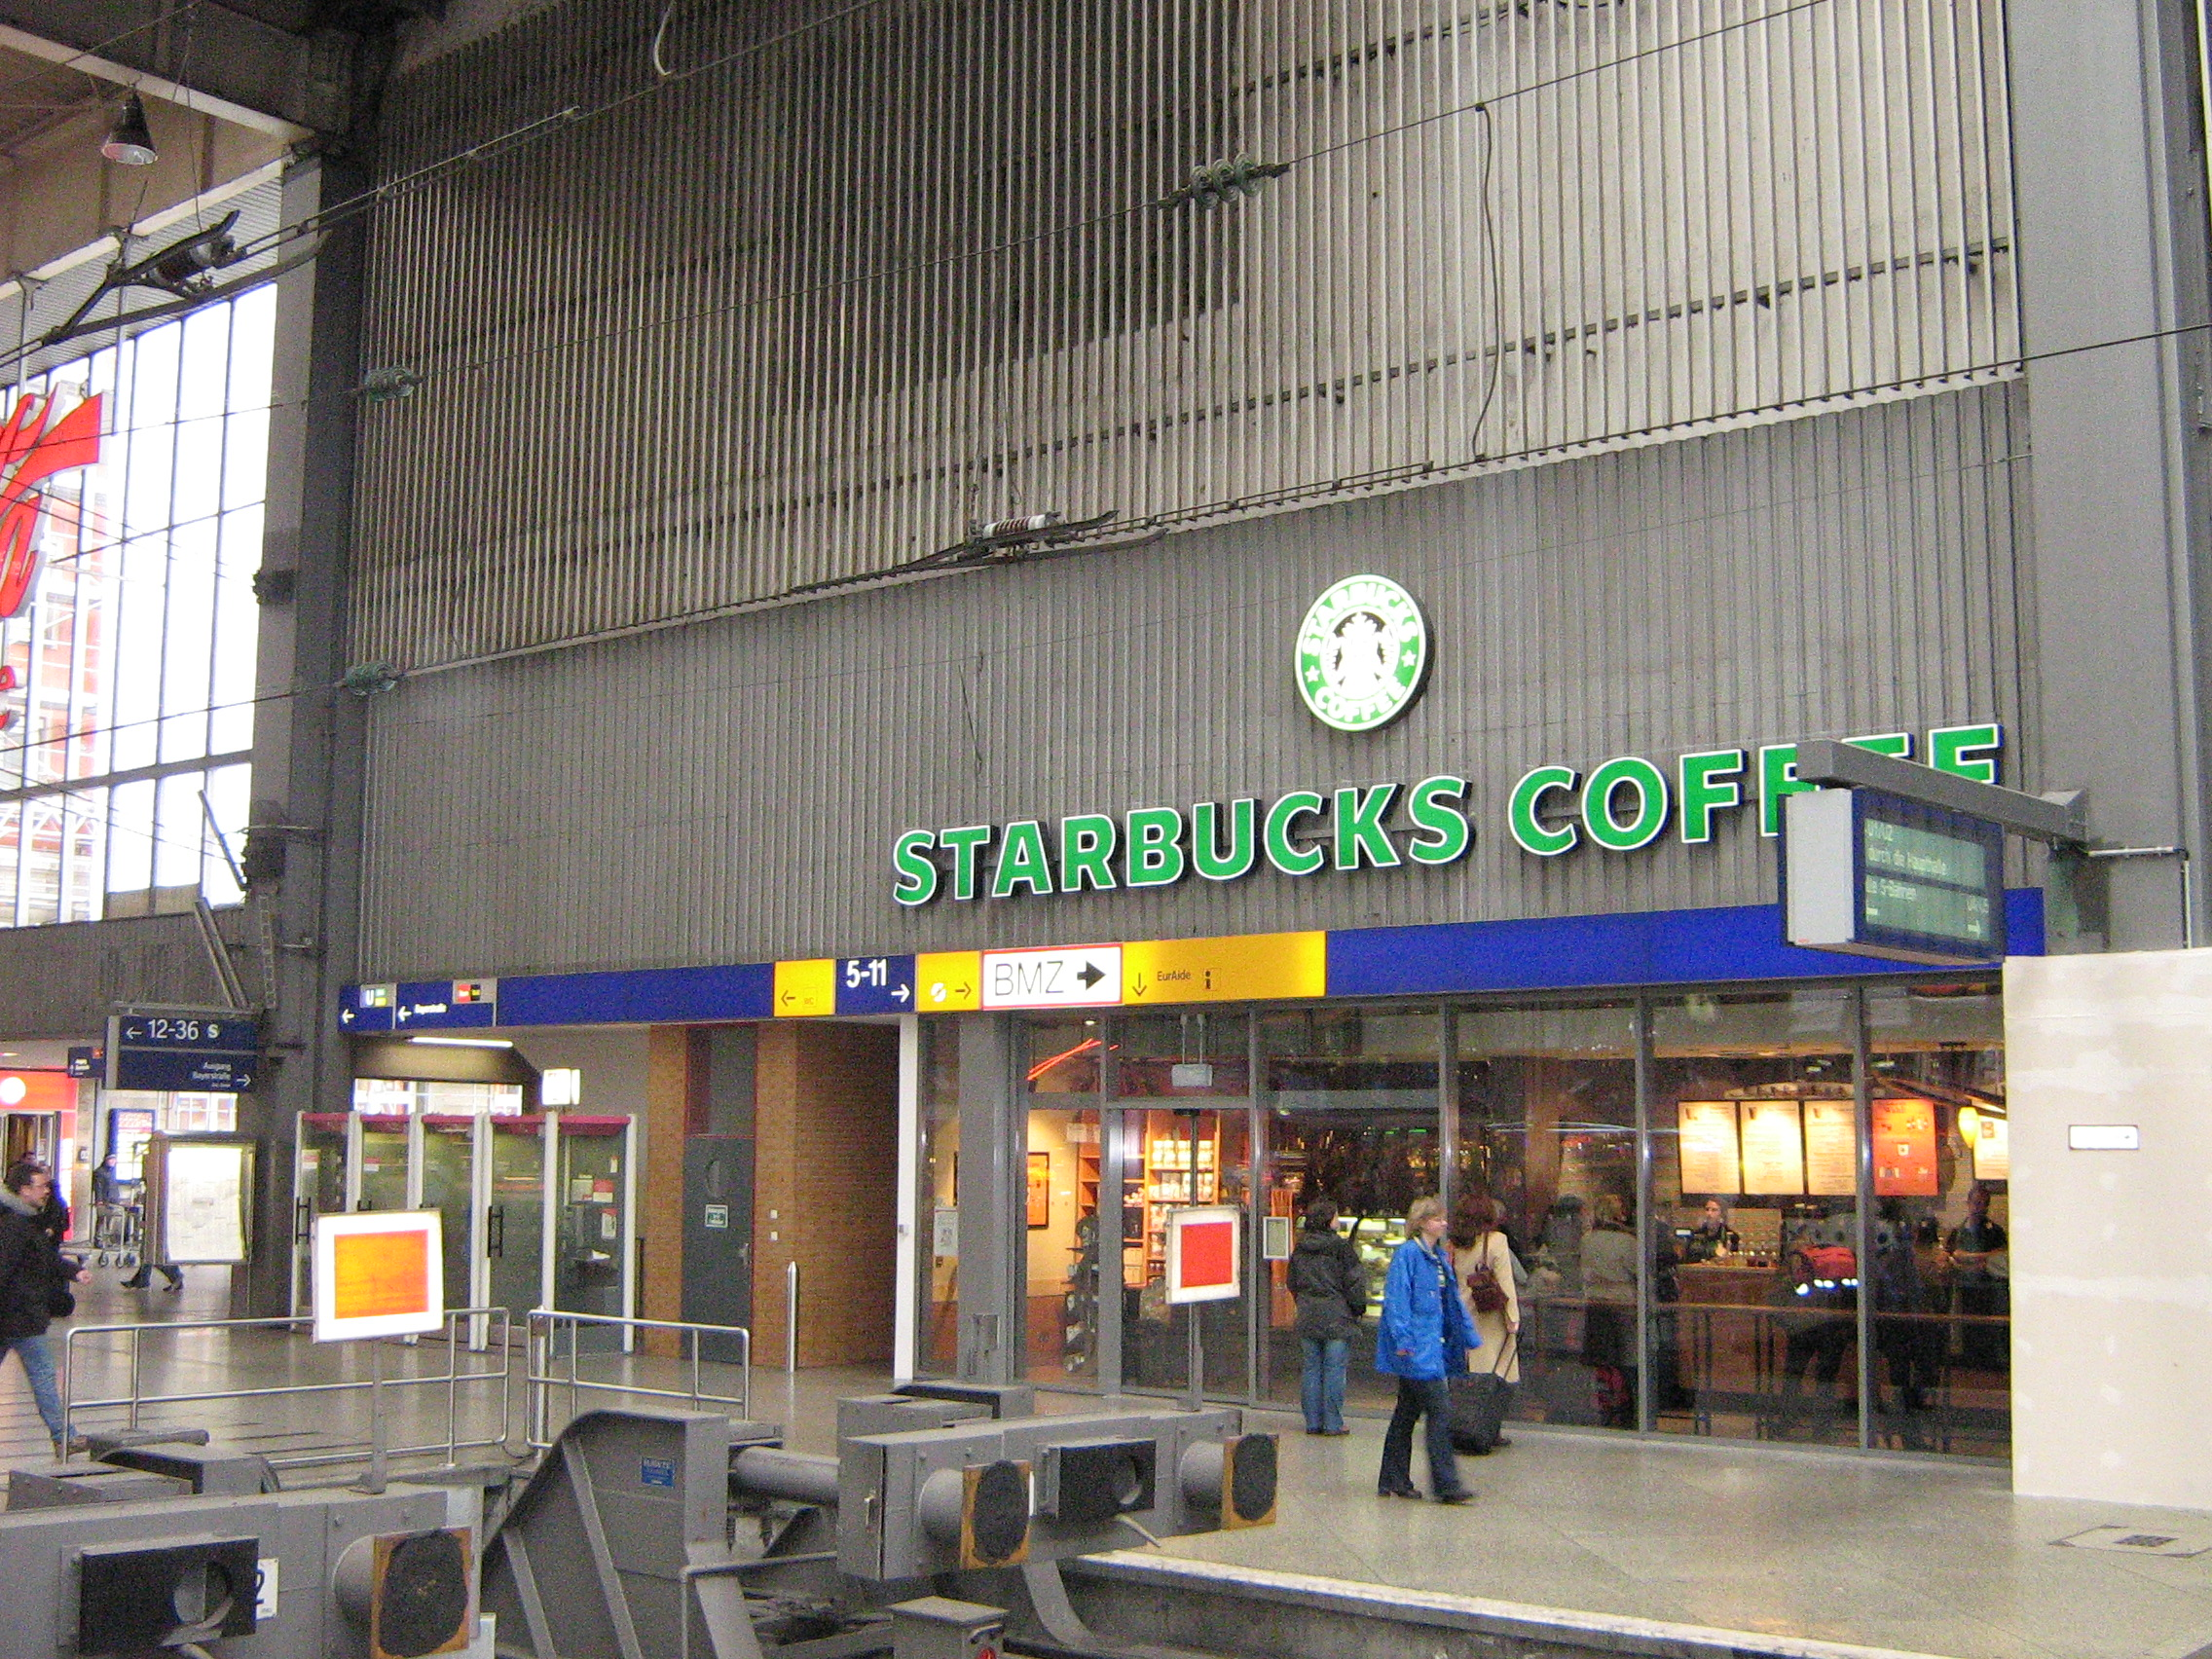 Starbucks registra lucro de US$ 663 milhões no primeiro trimestre de 2019